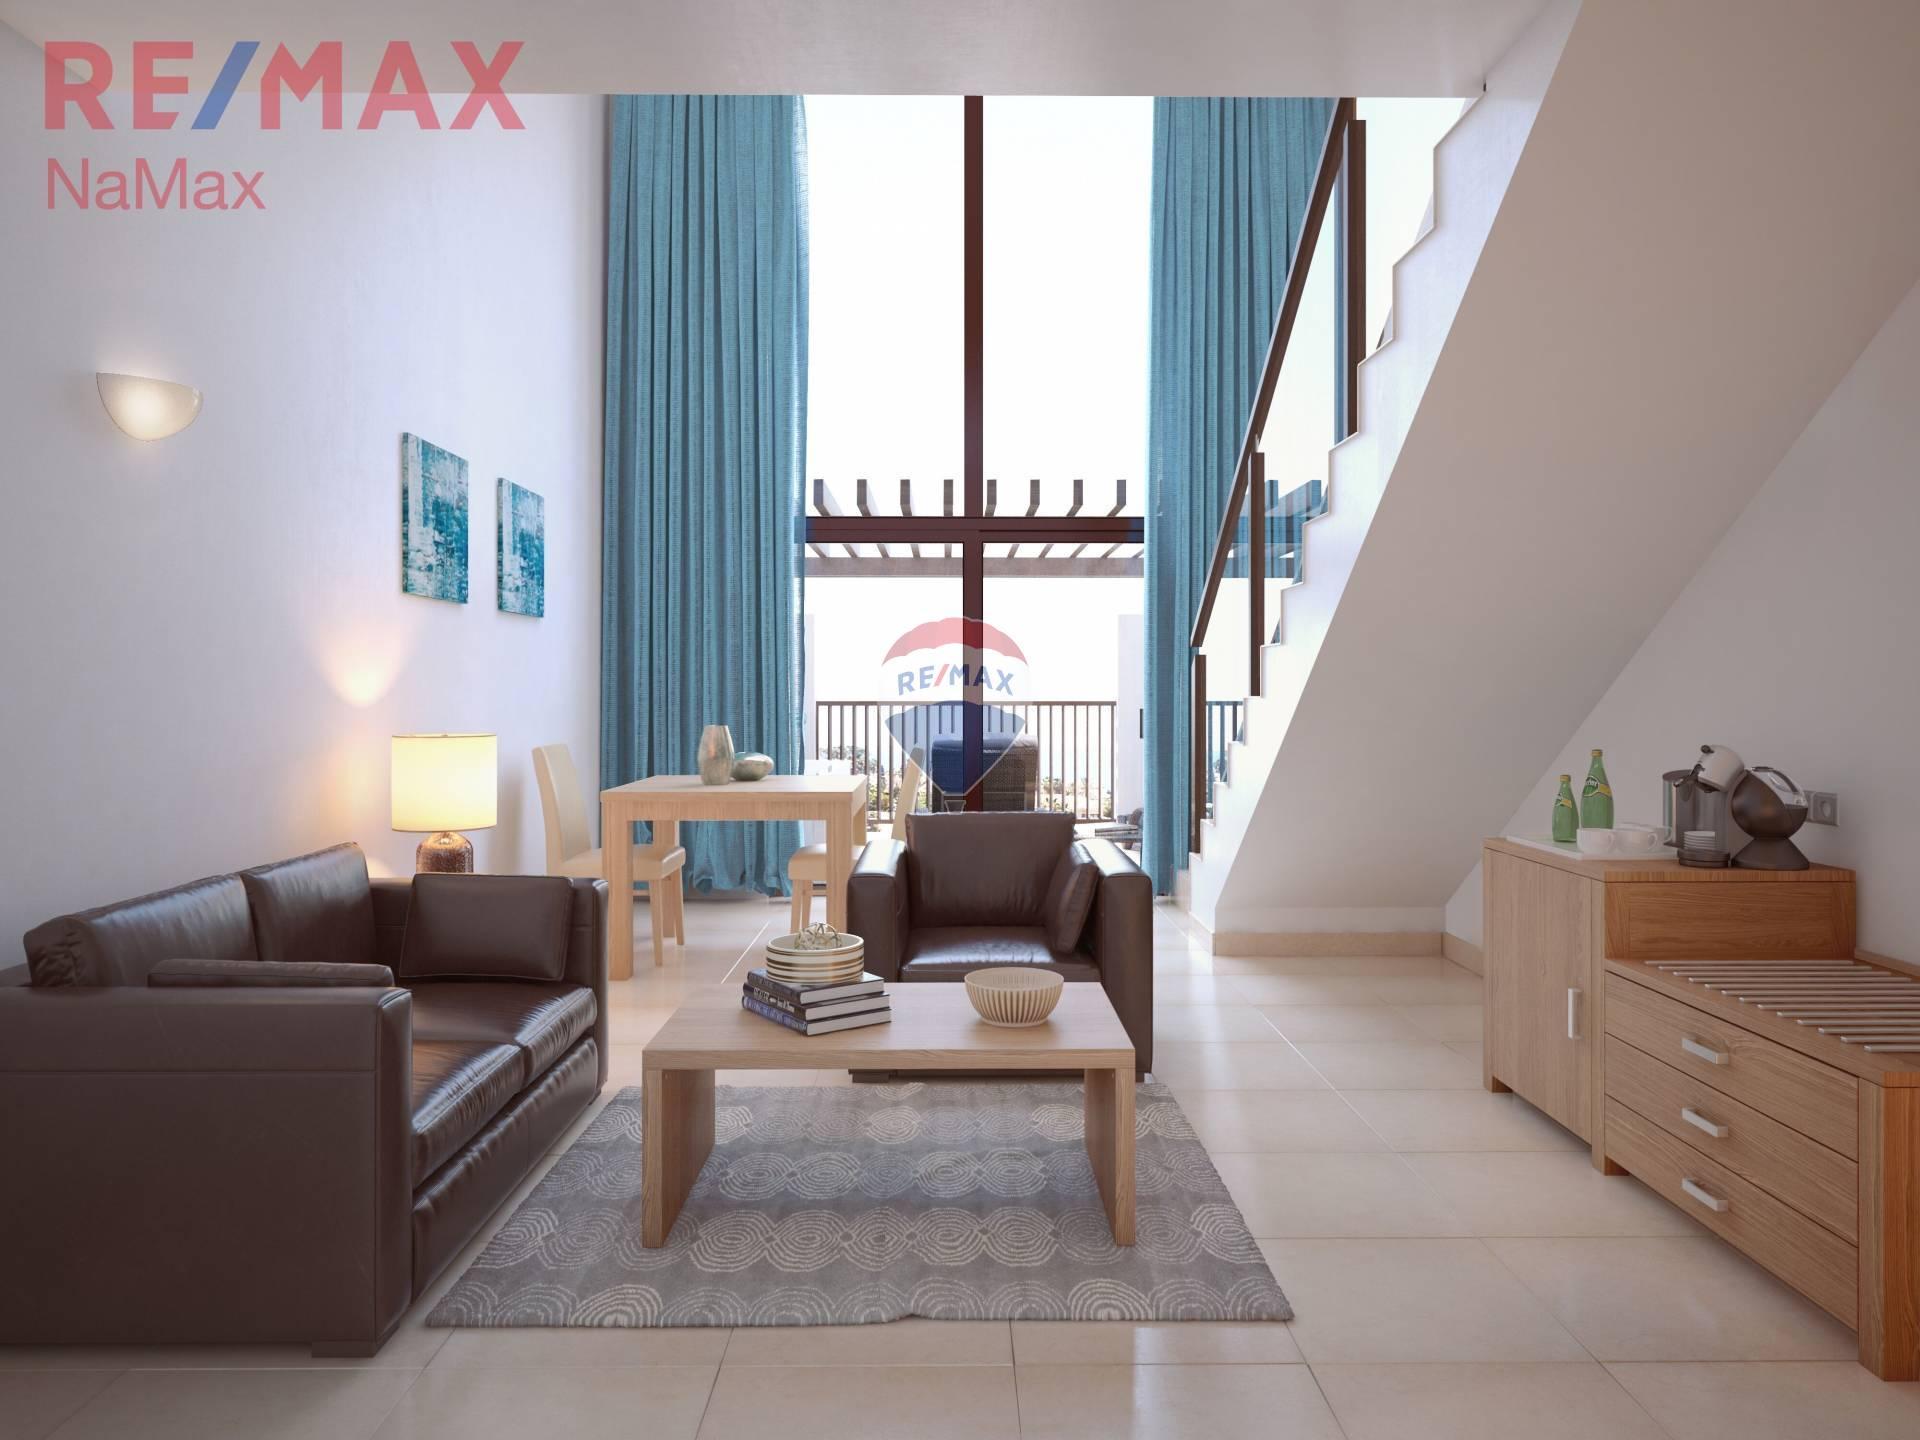 Predaj bytu (1 izbový) 35 m2, Nové Mesto nad Váhom -